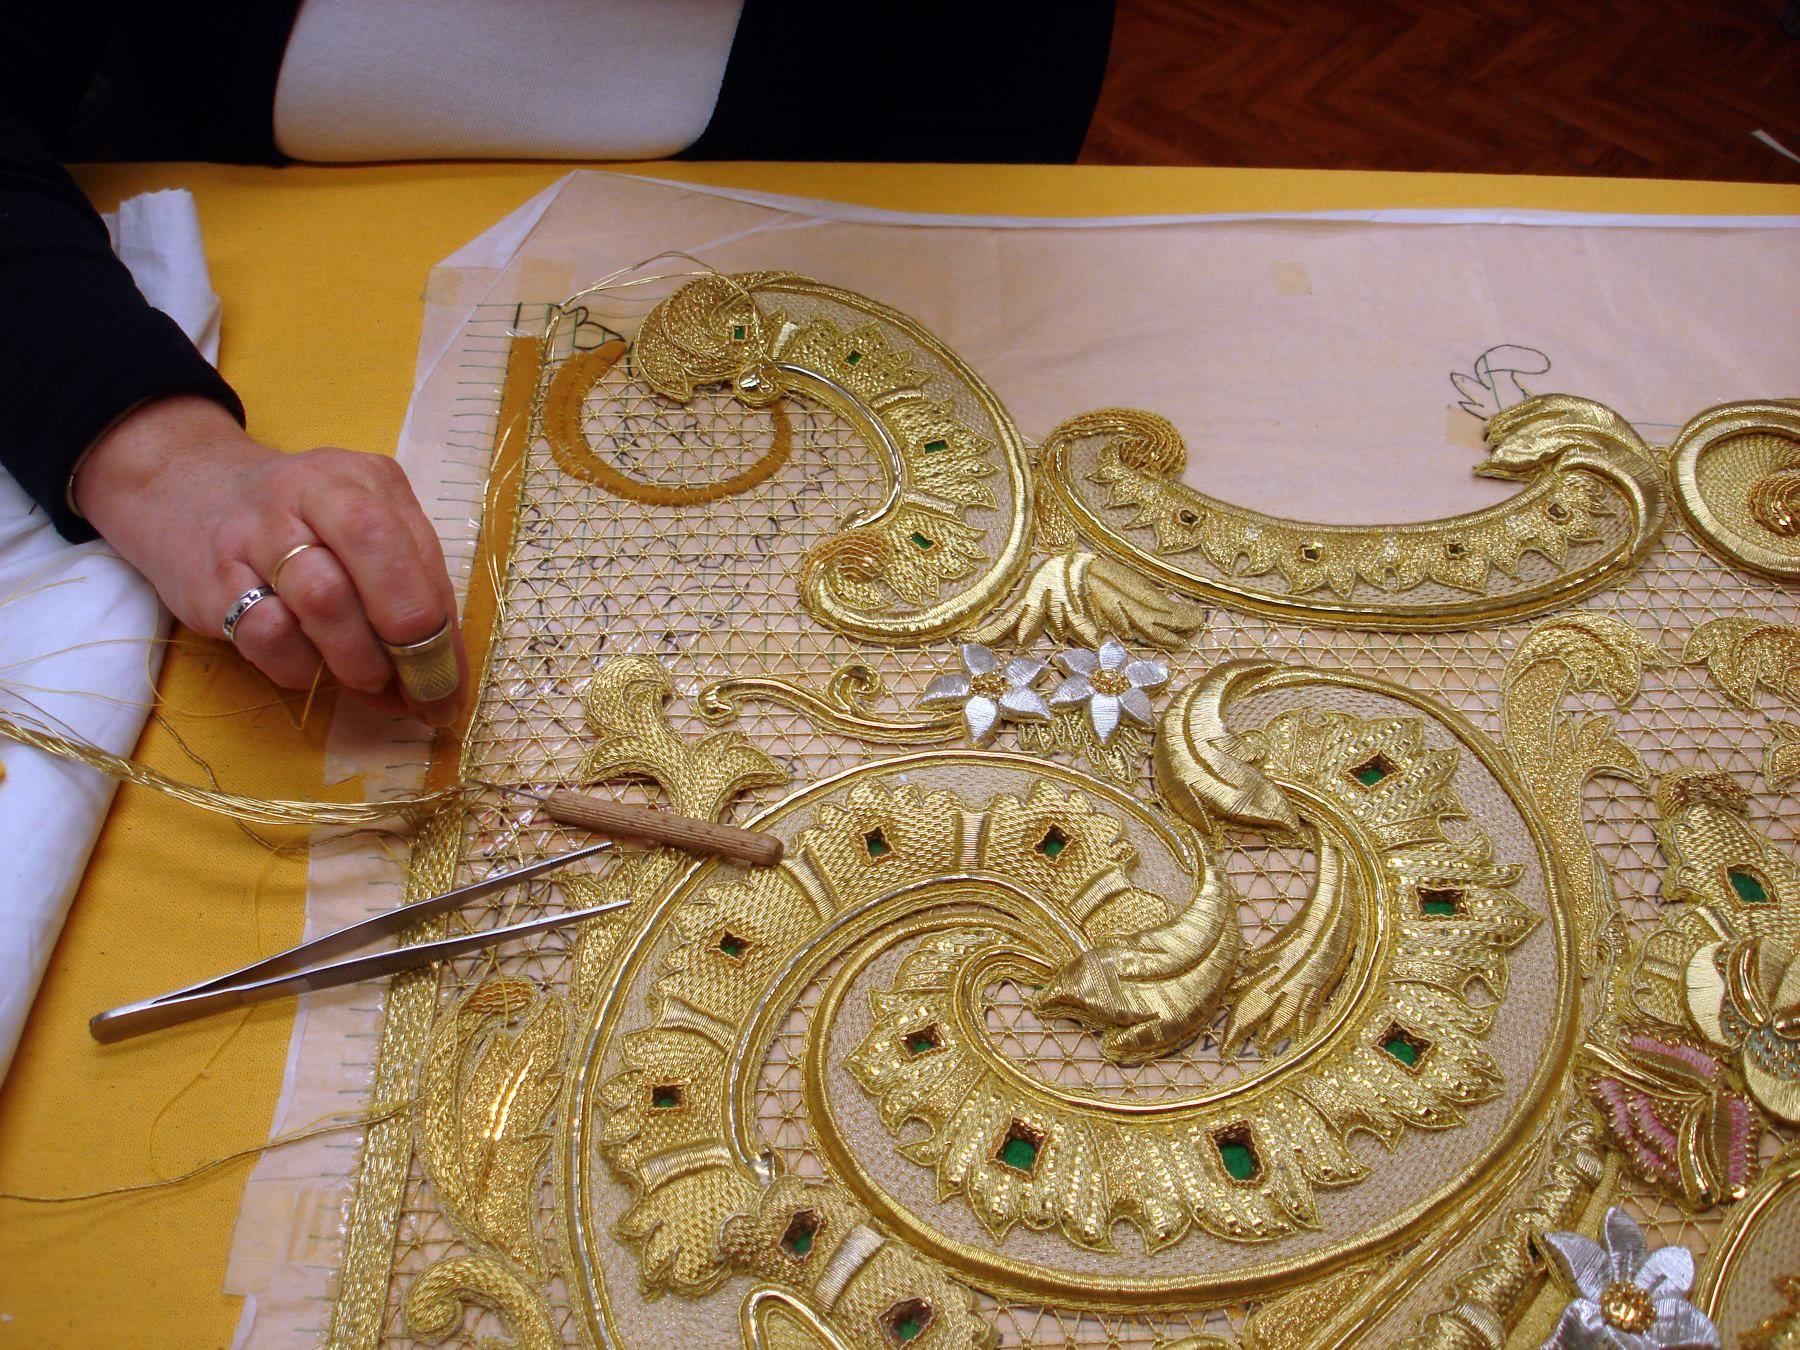 Техника золотного шитья